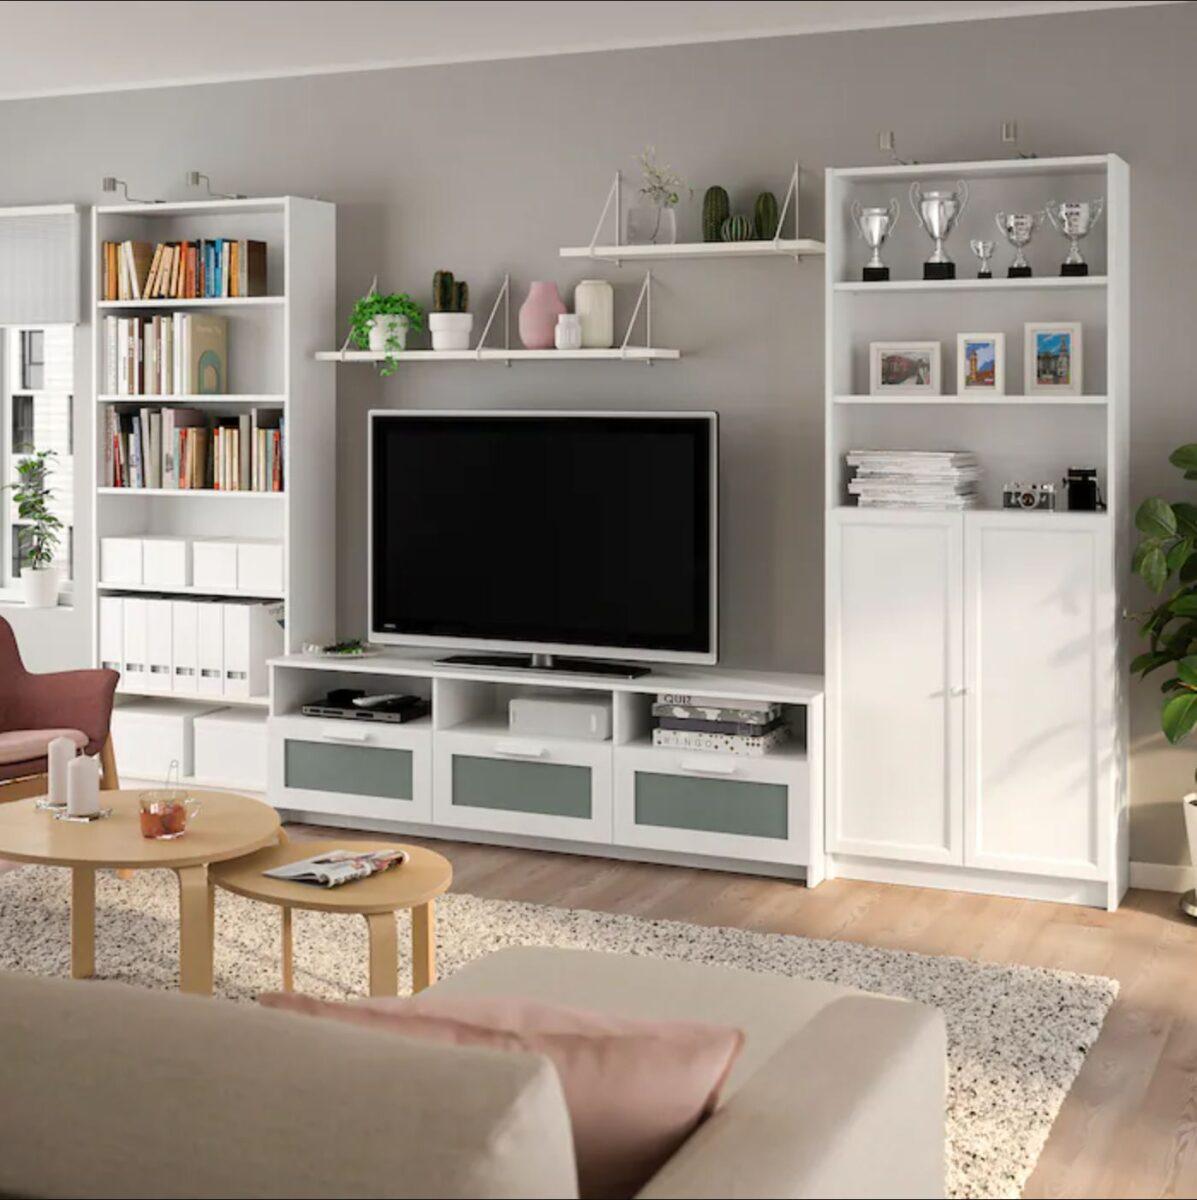 librerie-componibili-IKEA-1